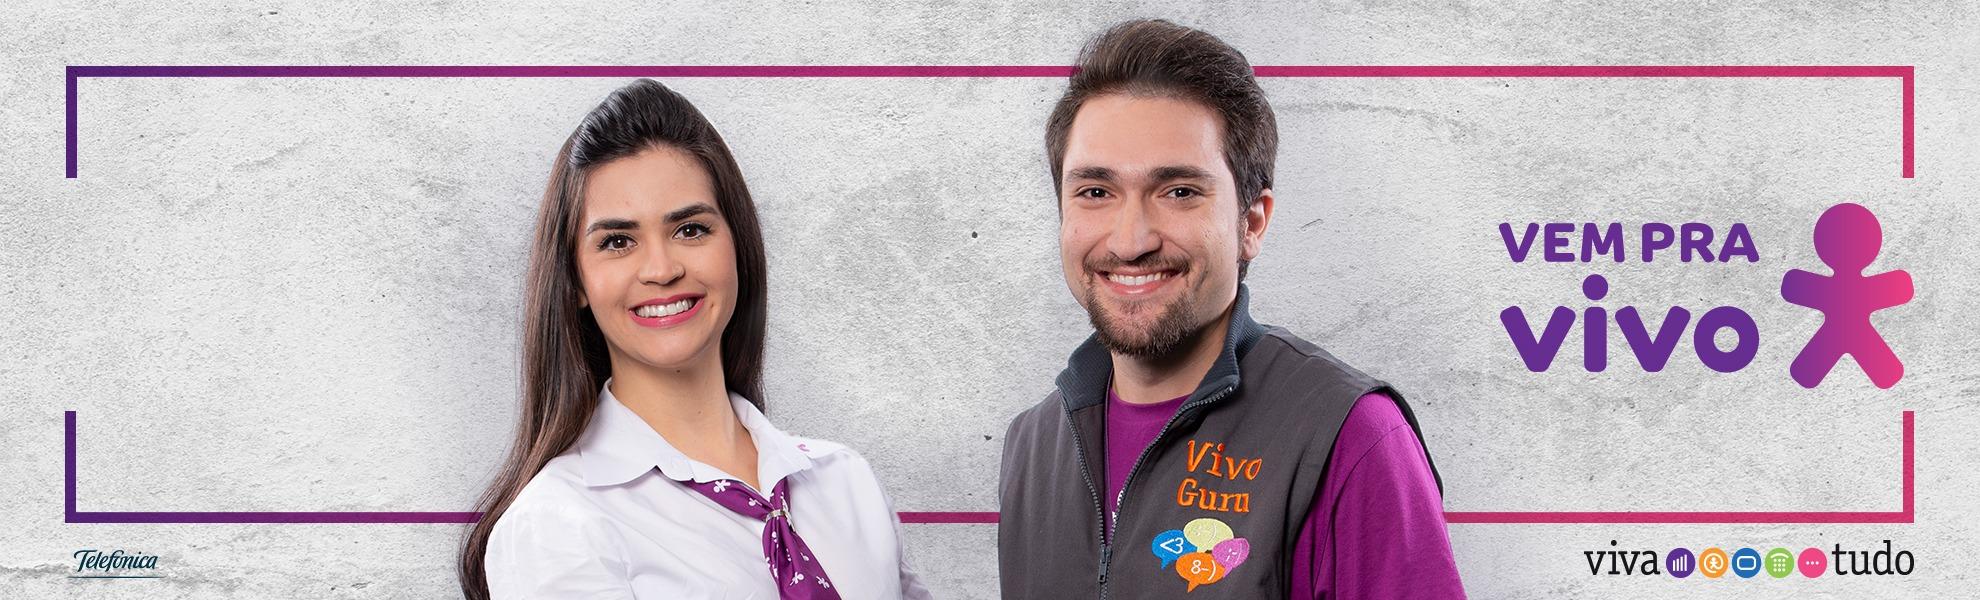 Banco de Talentos - Analista de Suporte Comercial  (Lojas Vivo)